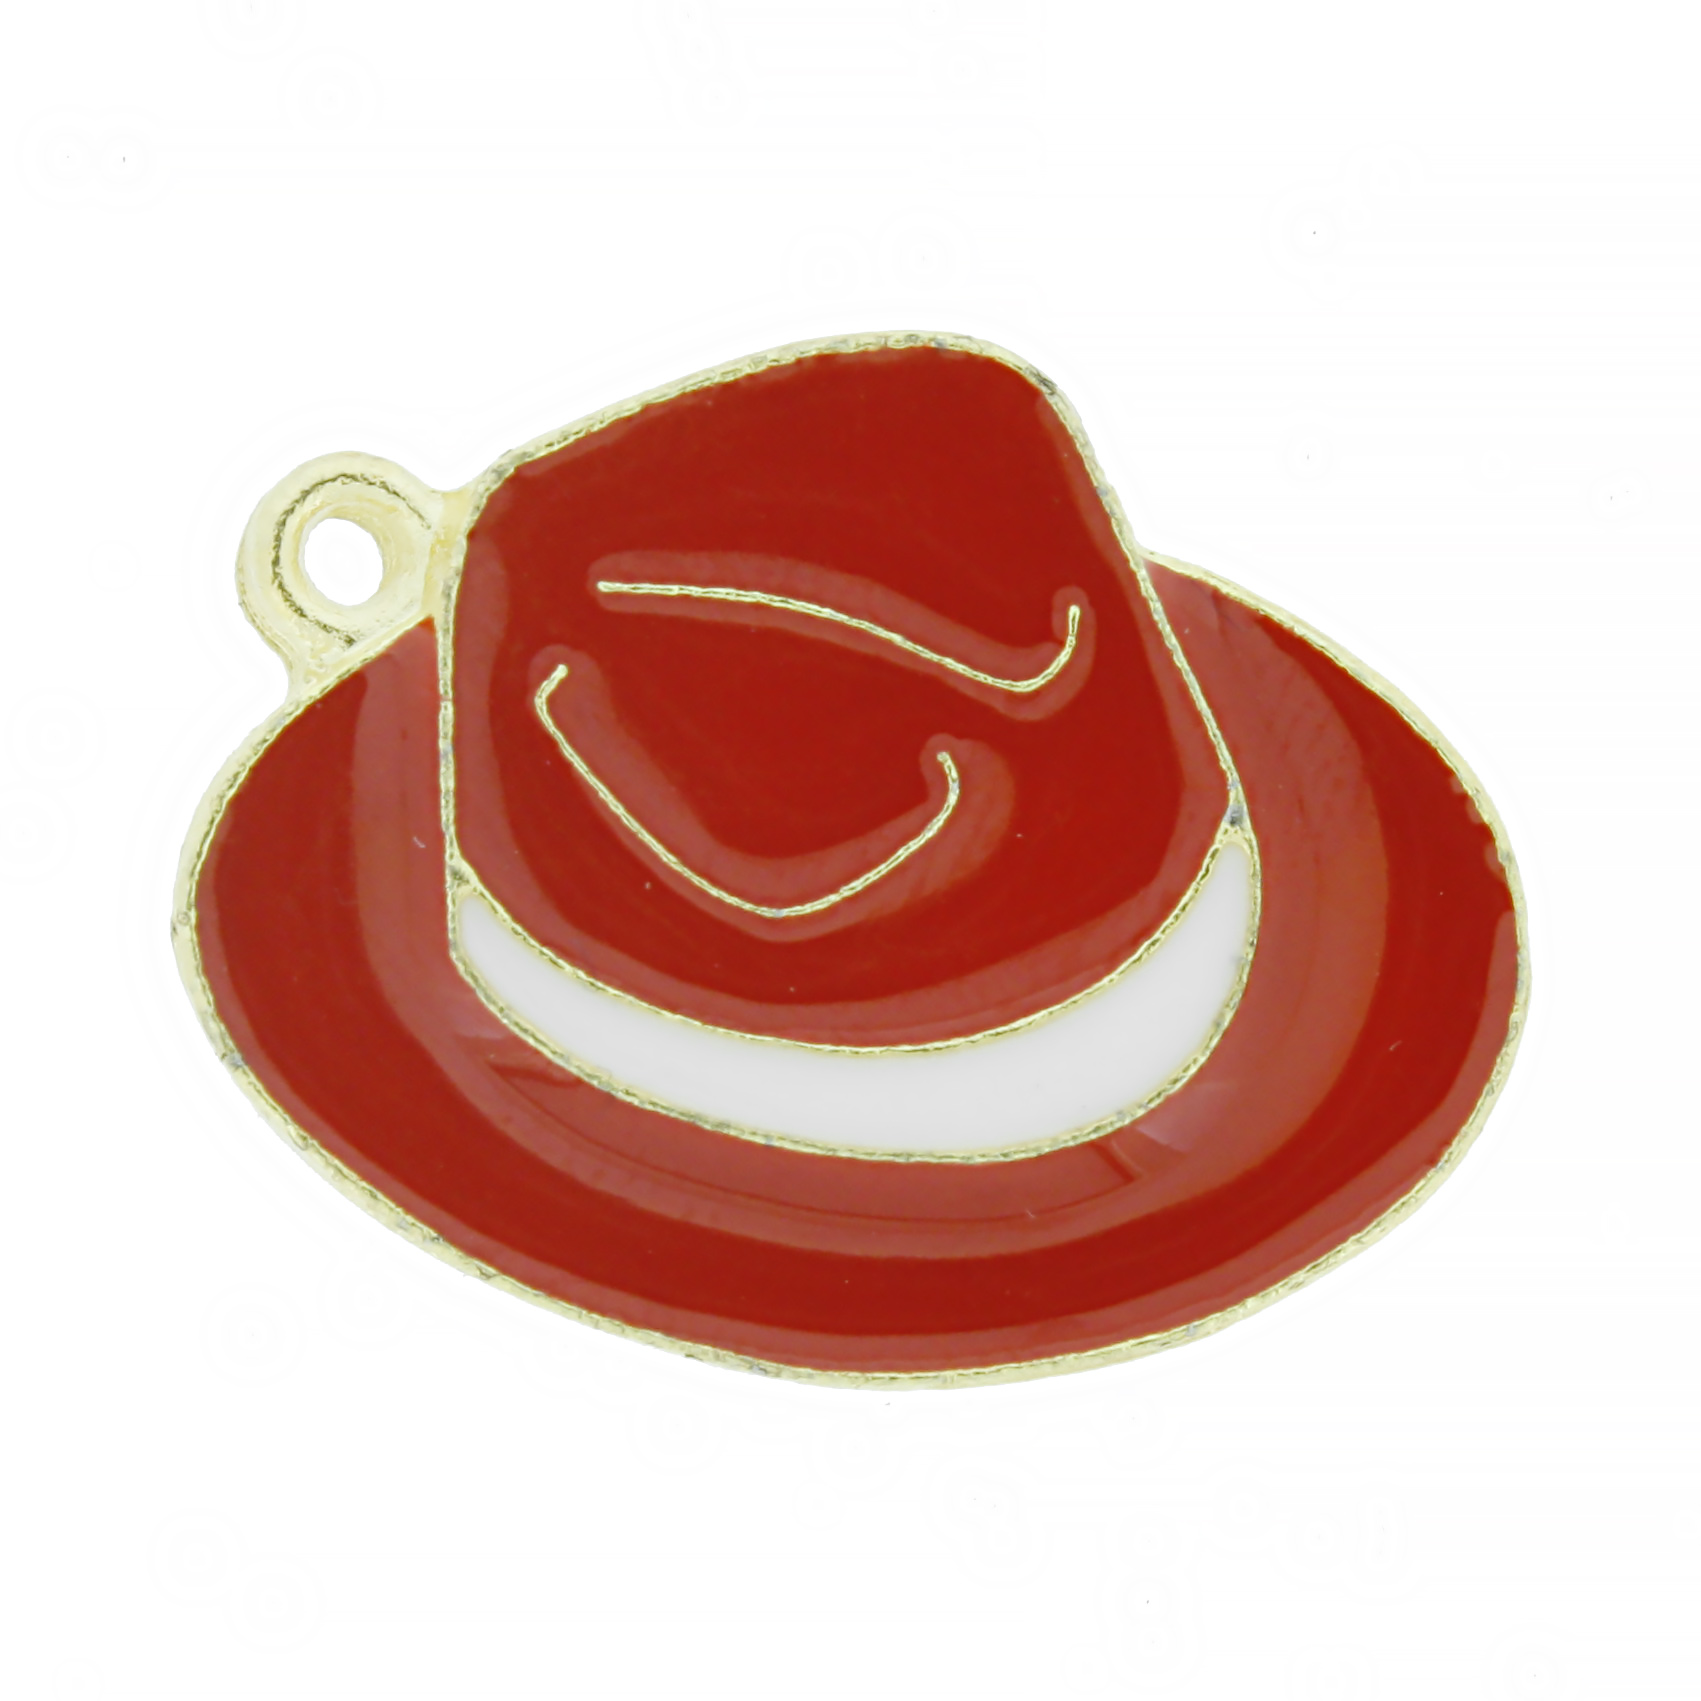 Chapéu Resinado Dourado - Vermelho e Branco - 22mm  - Universo Religioso® - Artigos de Umbanda e Candomblé